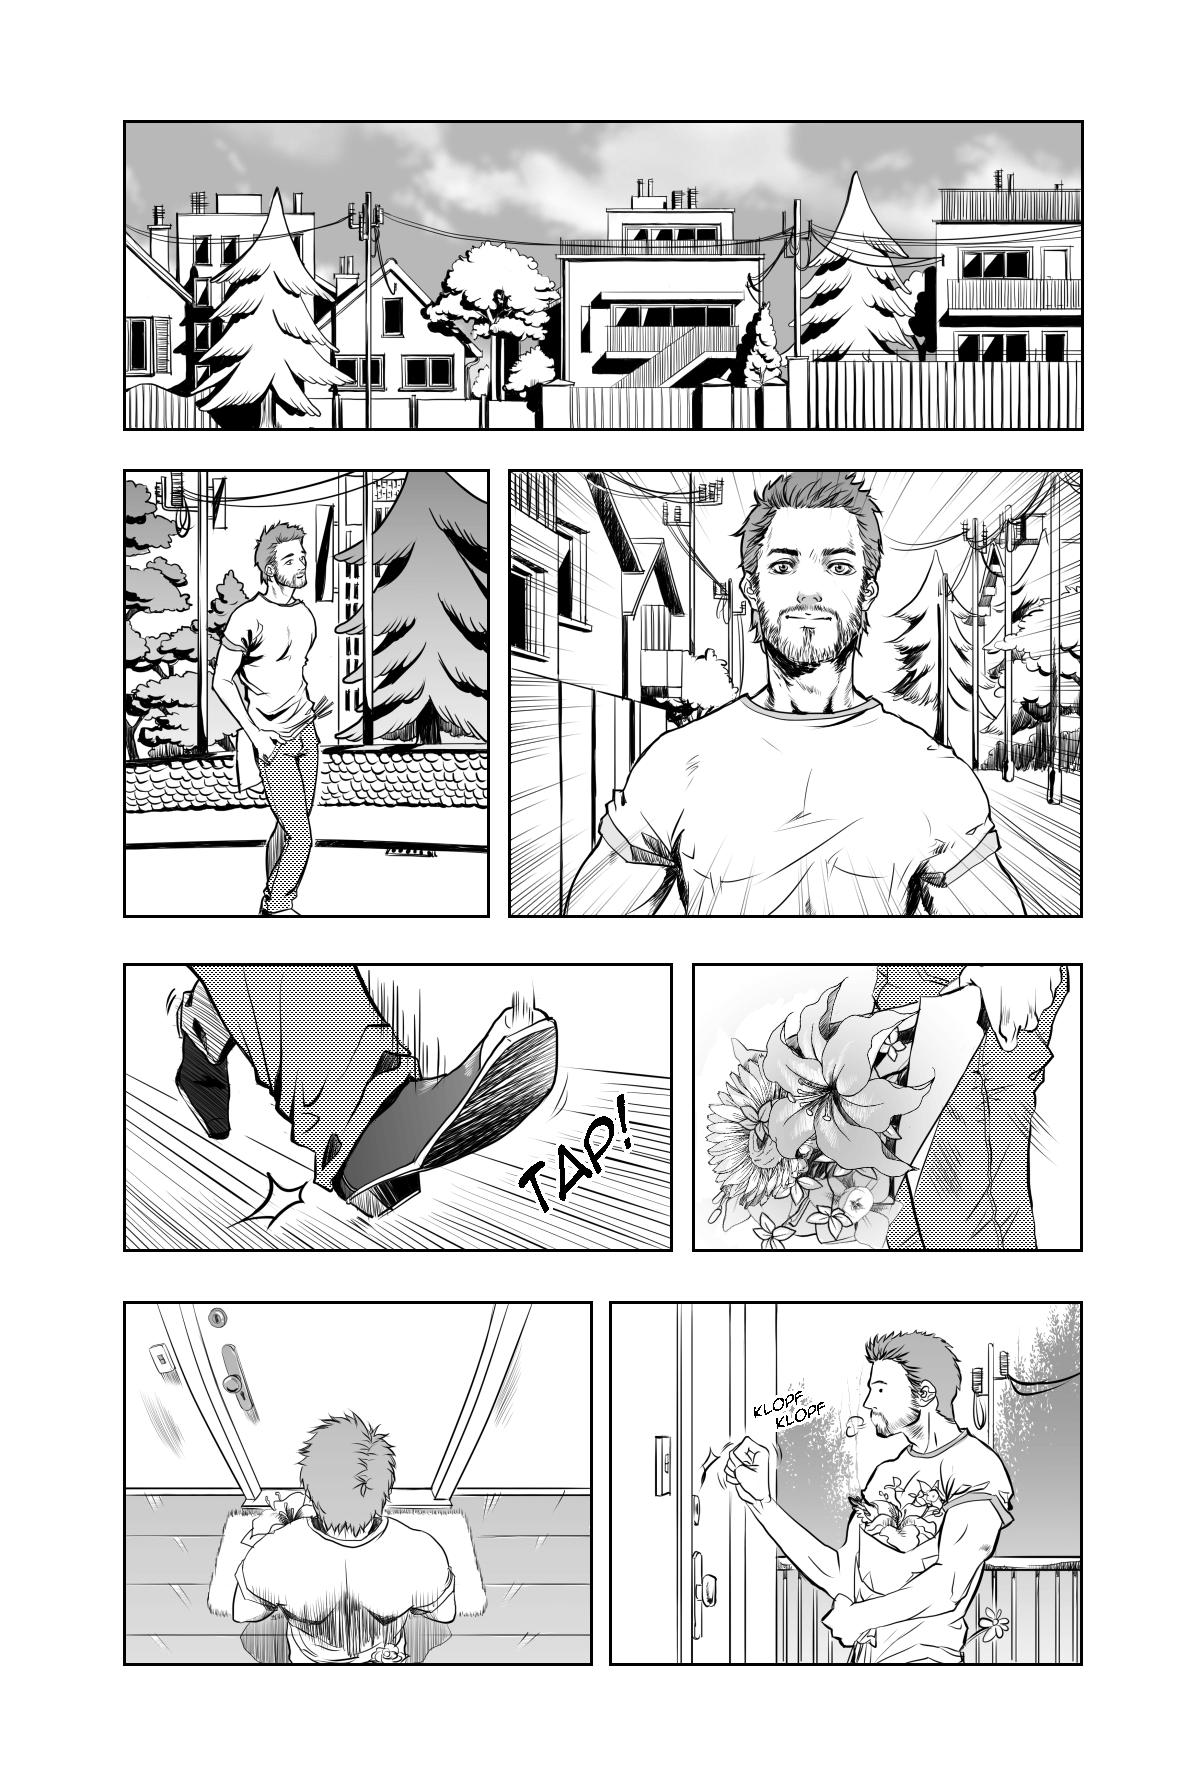 BIG BLIND Ch1 Seite 1